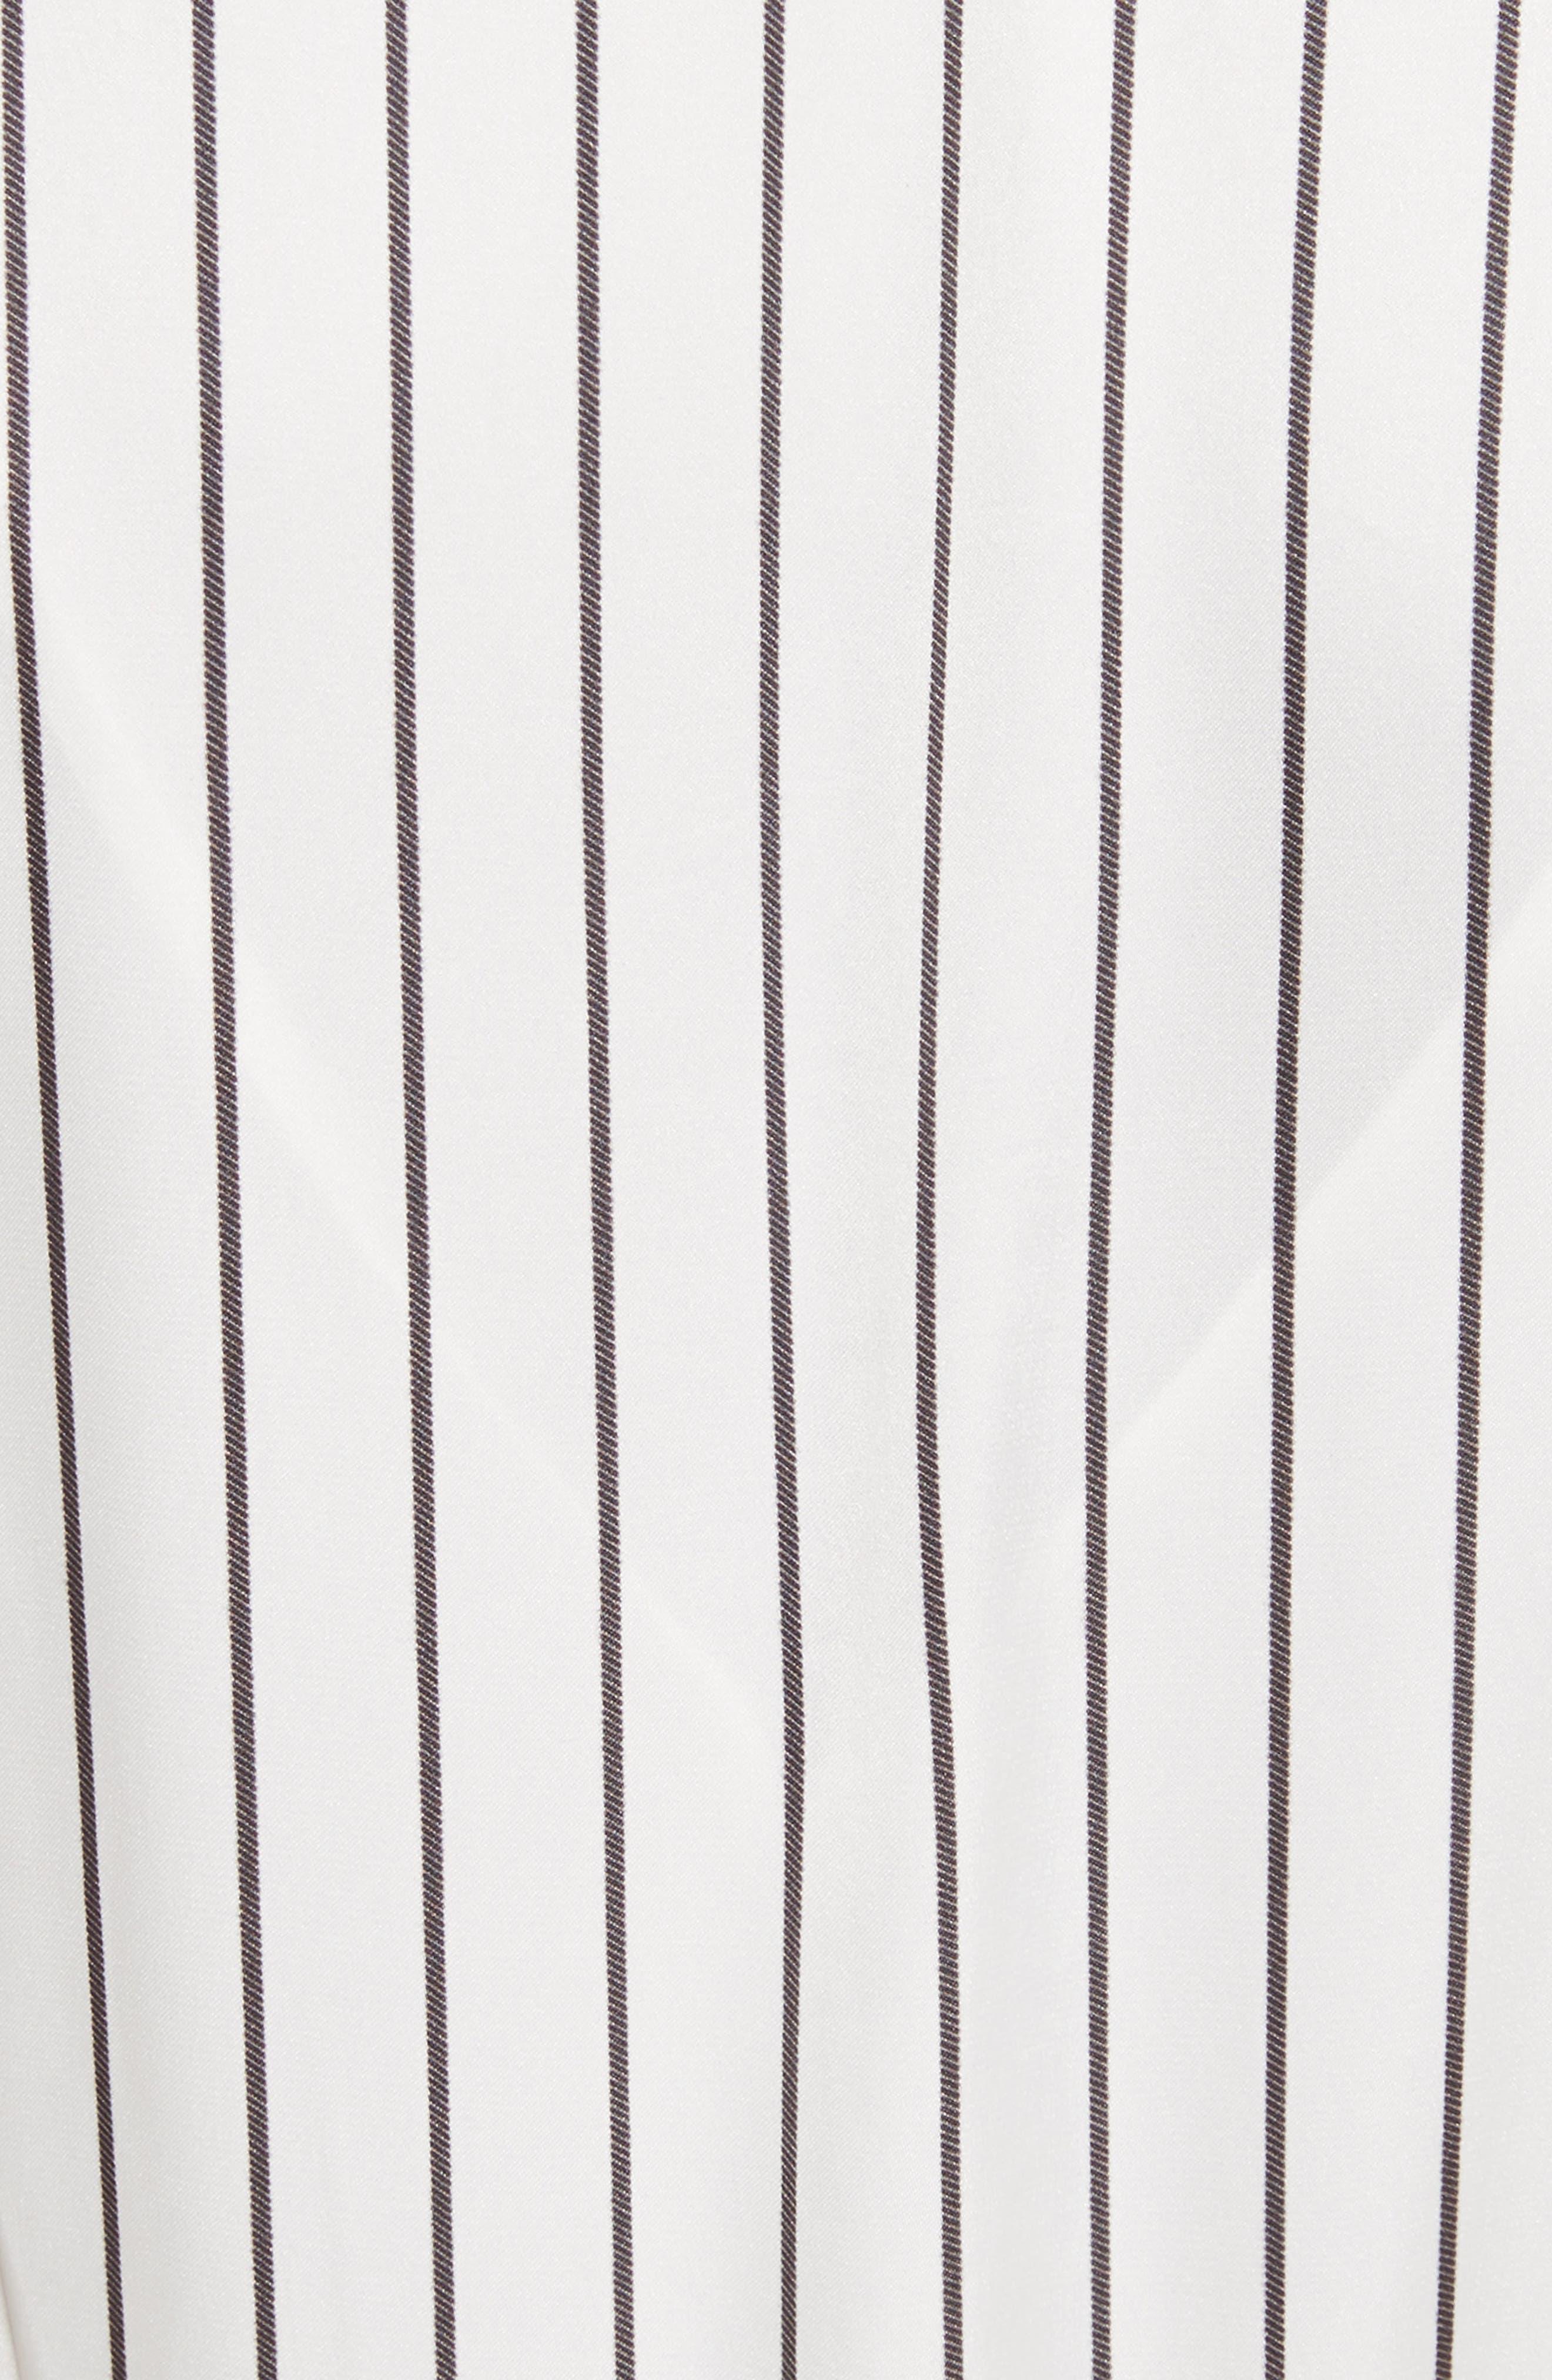 Stripe Maxi Dress,                             Alternate thumbnail 5, color,                             908